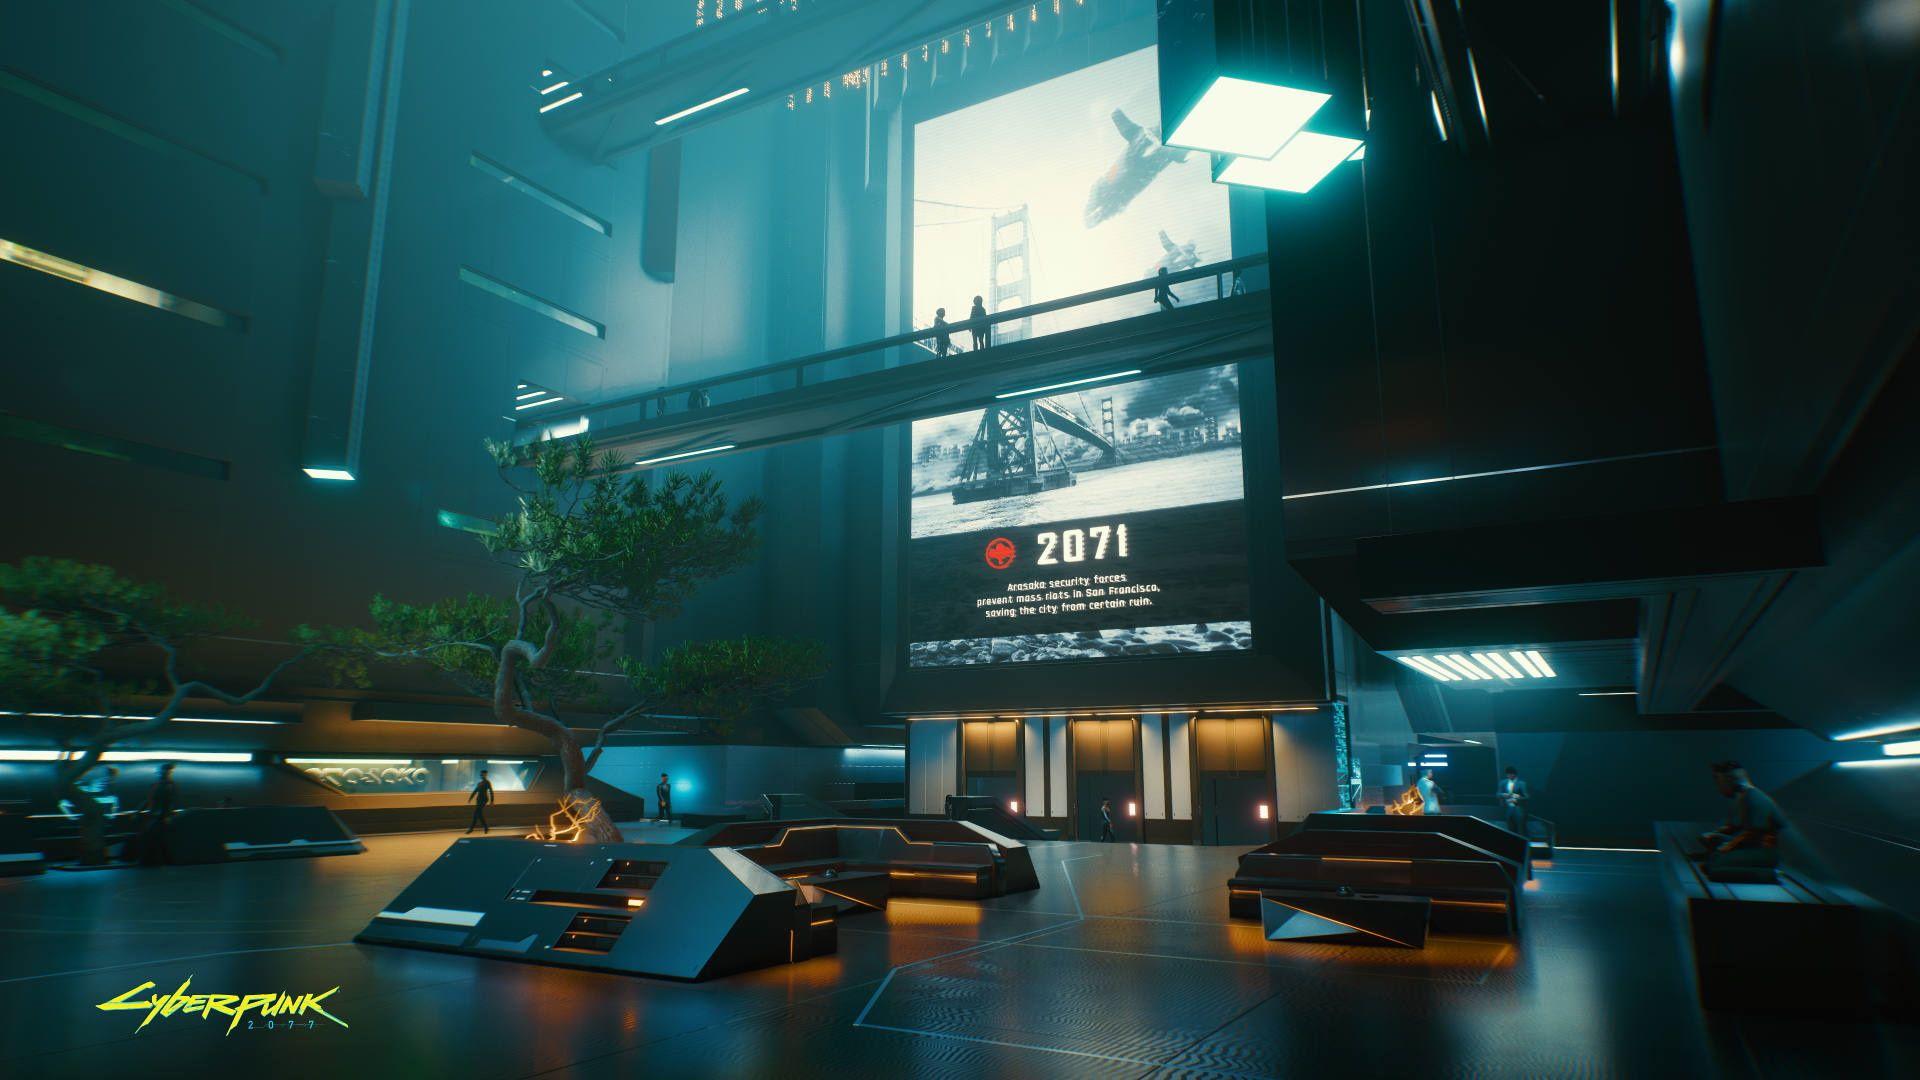 Cyberpunk 2077 Hall